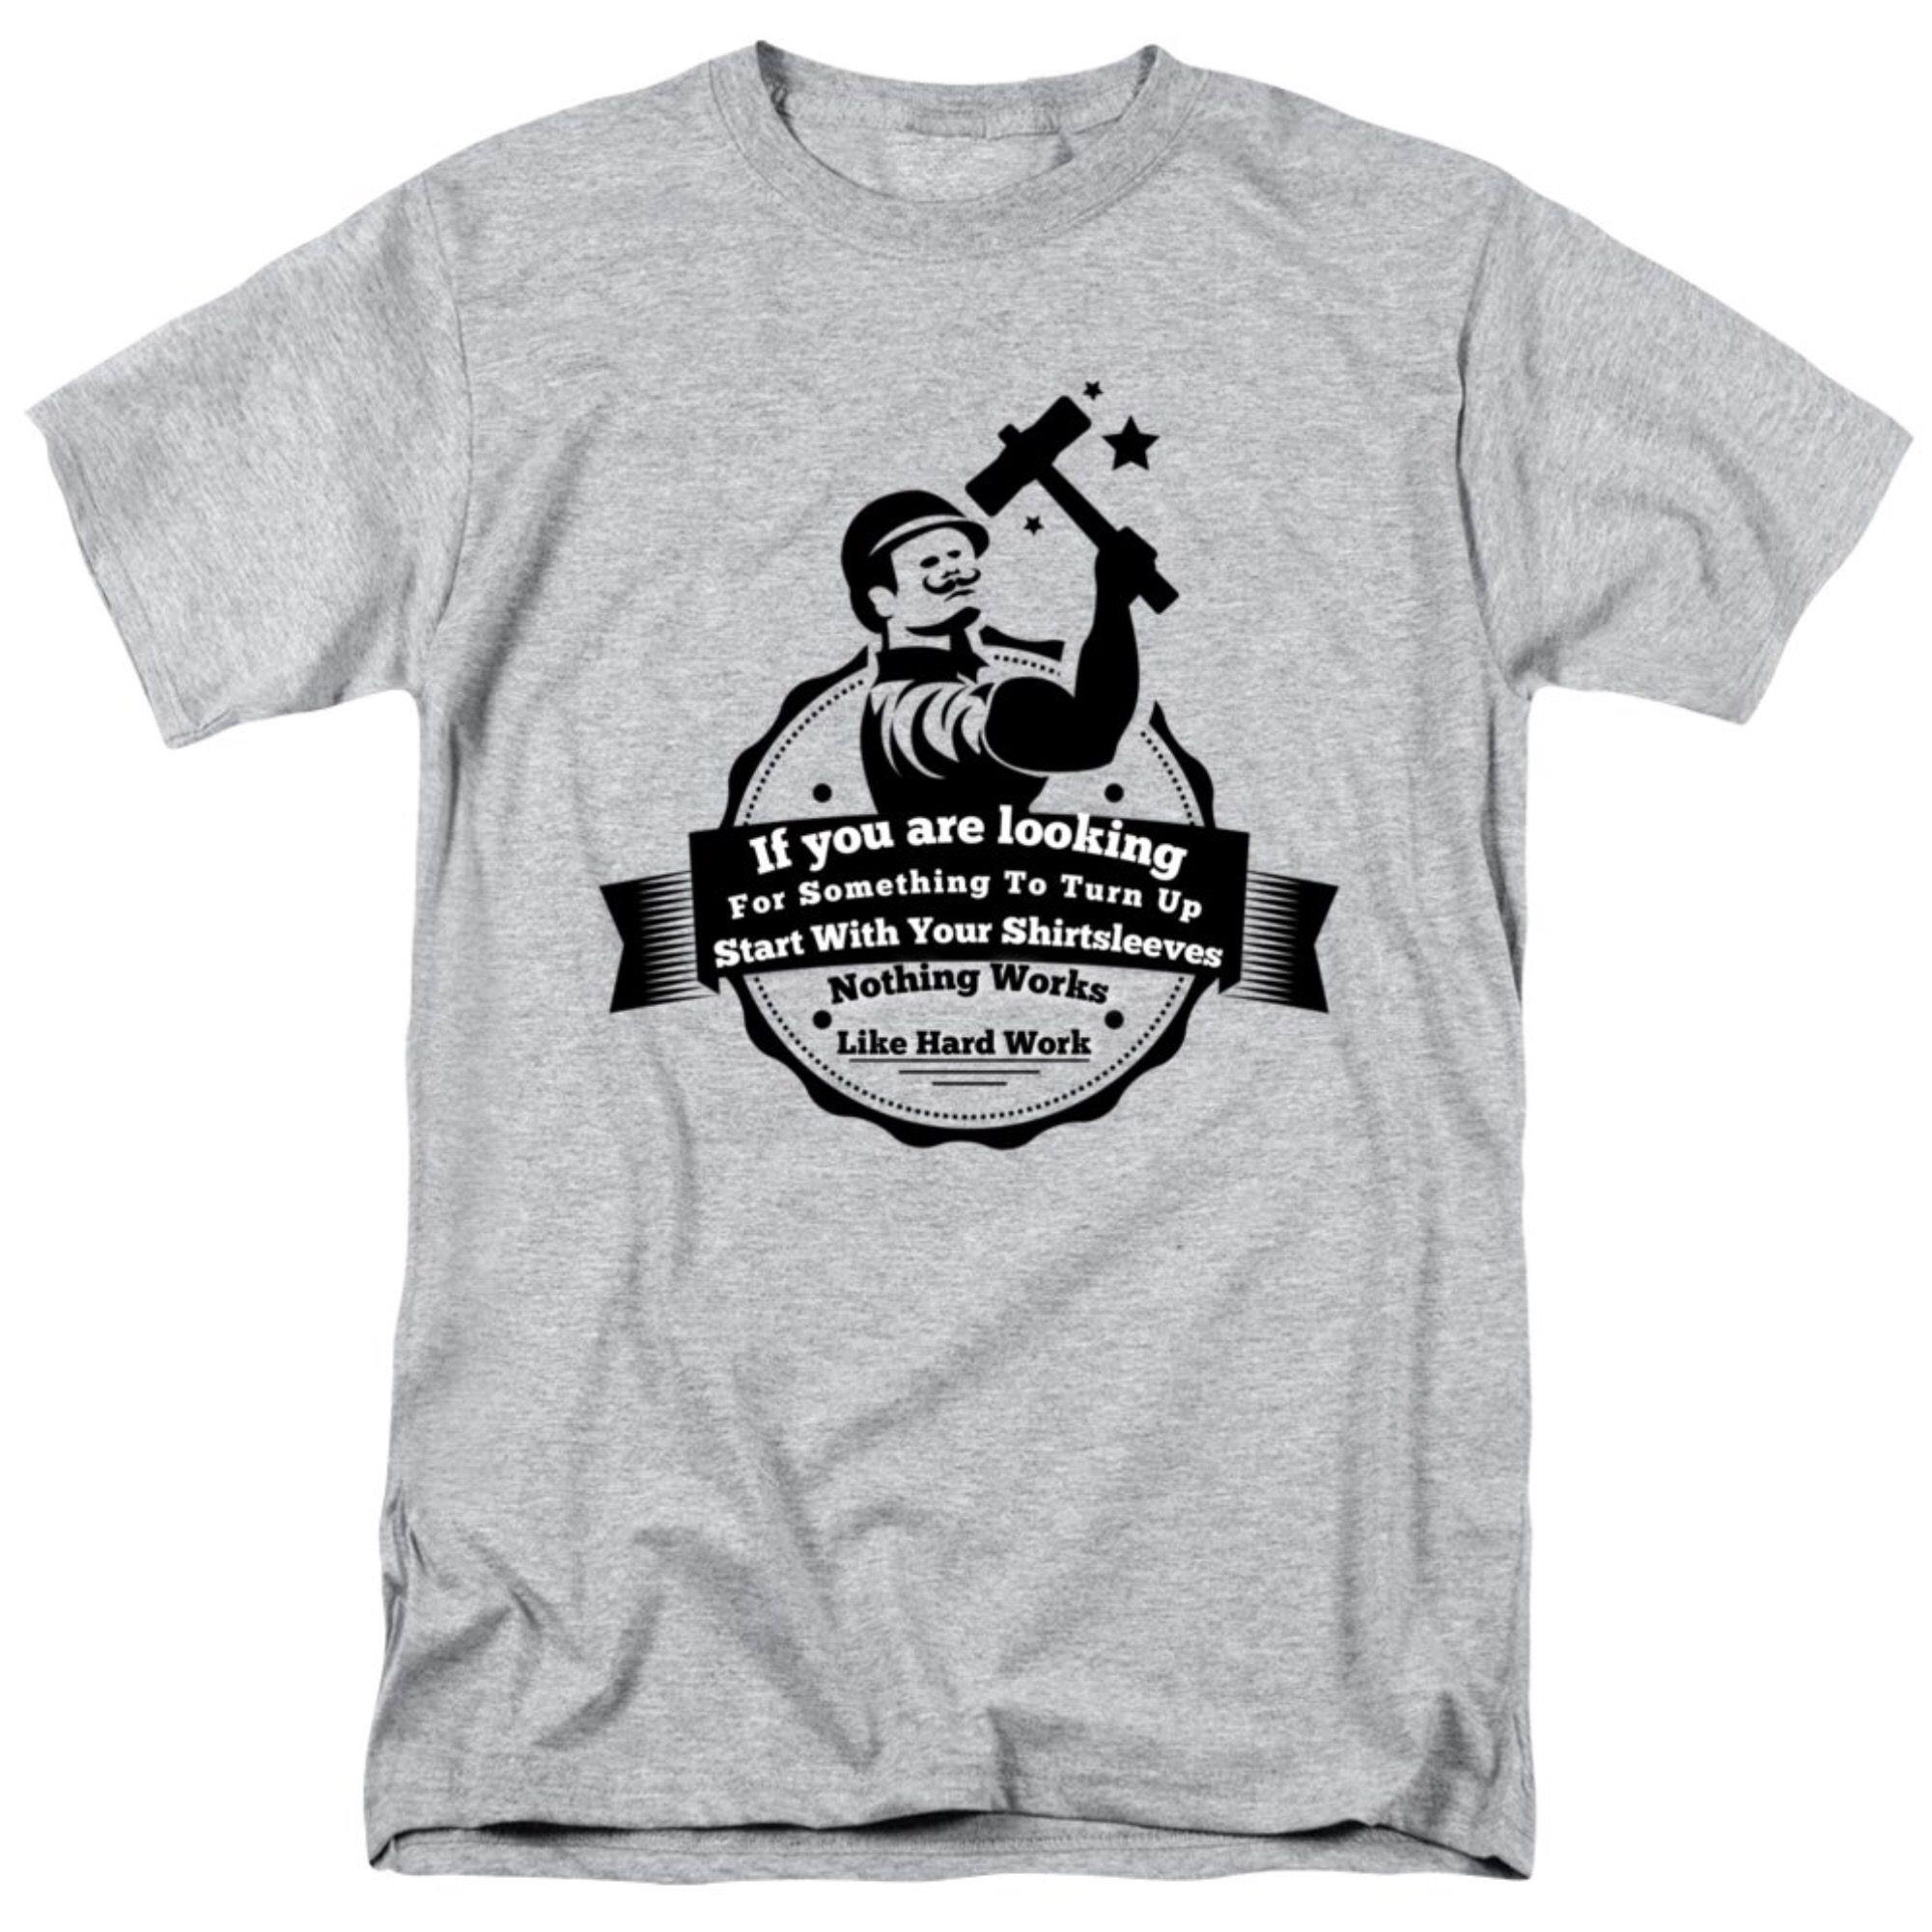 Batman t shirt, Batman shirt, T shirt